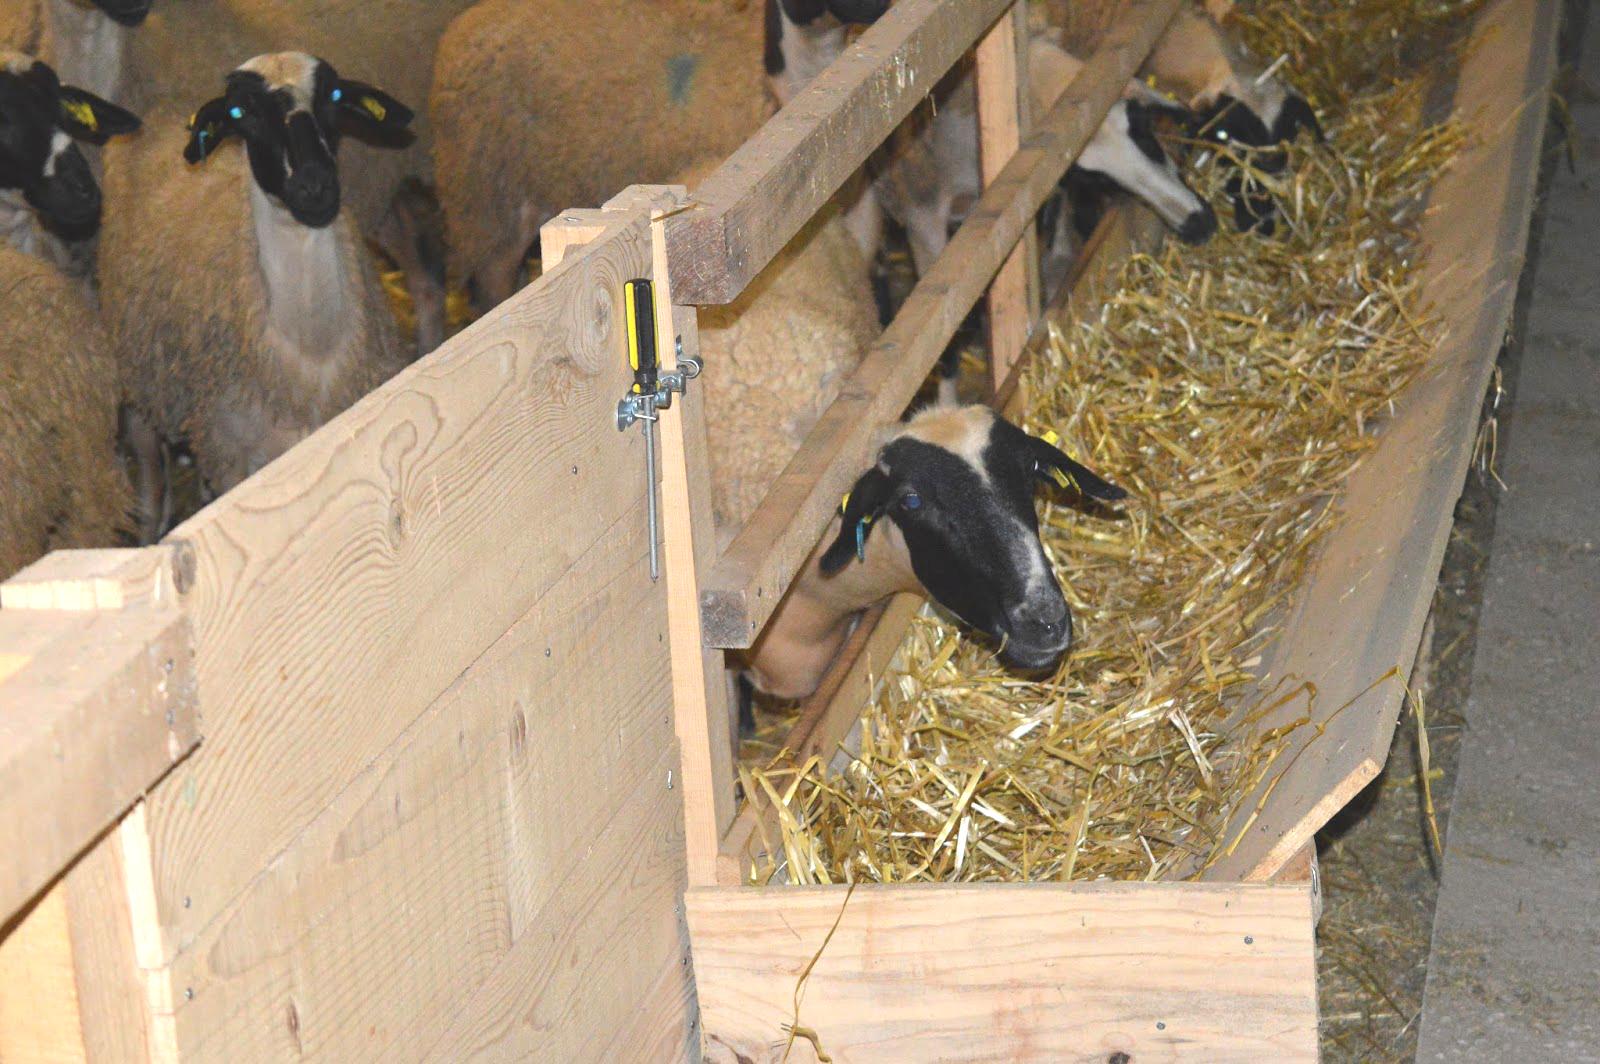 Μείωση ΦΠΑ: Ανάμεικτες αντιδράσεις στους Κτηνοτρόφους στην Θράκη